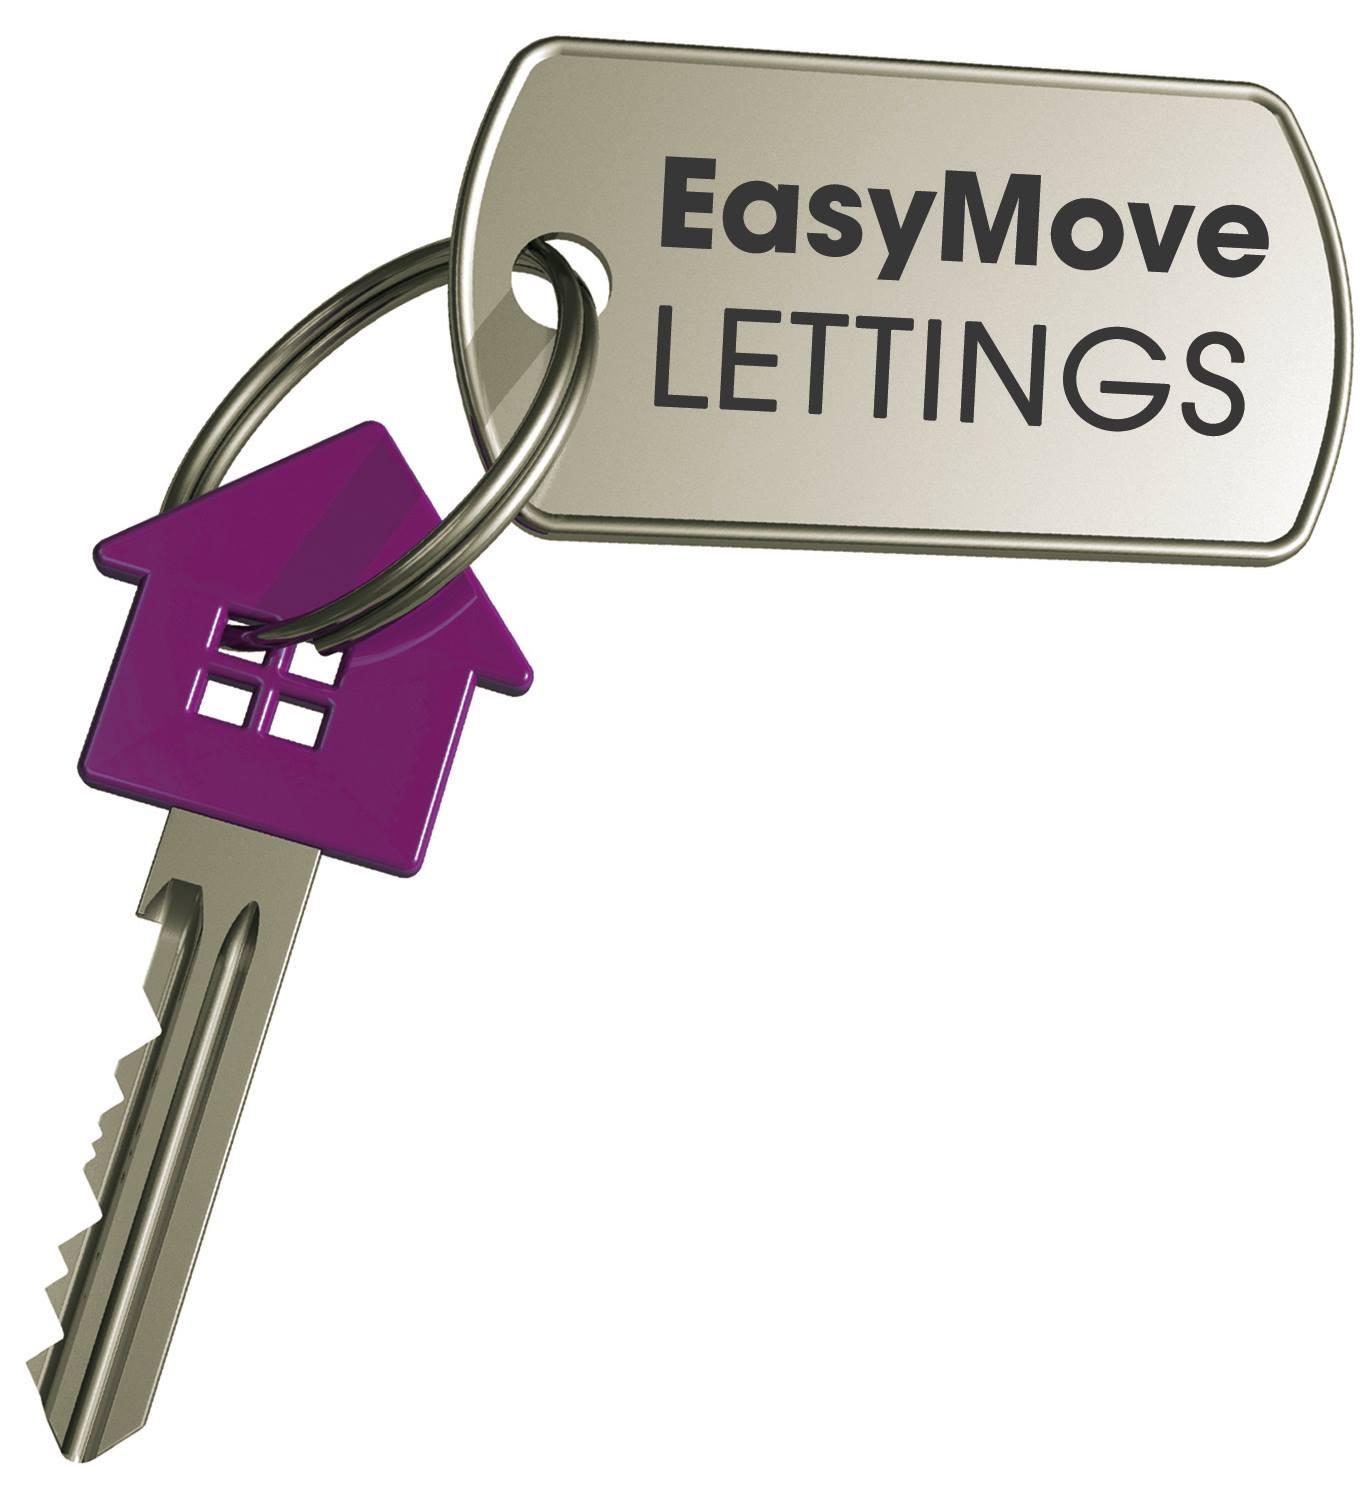 Easymove Lettings